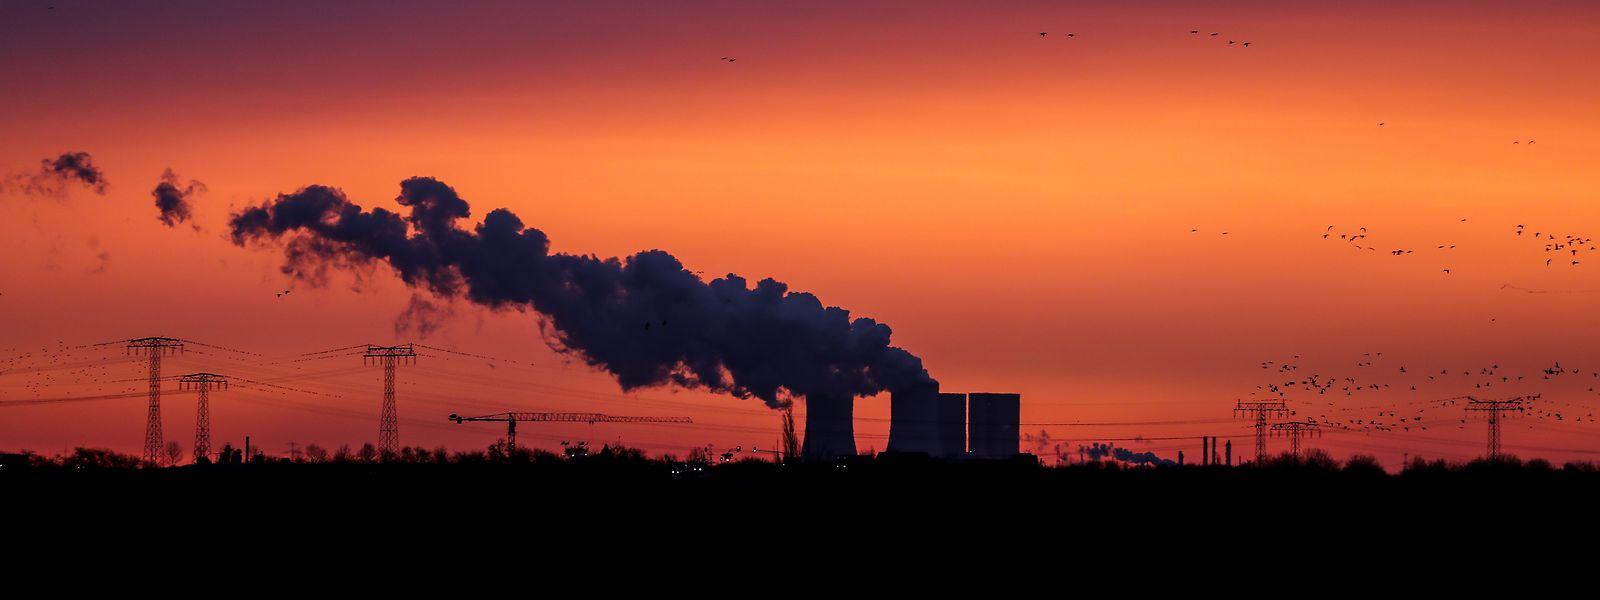 Der Streit über das neue Klimaziel für 2030 beschäftigt am Freitag die EU-Umweltminister in Luxemburg.